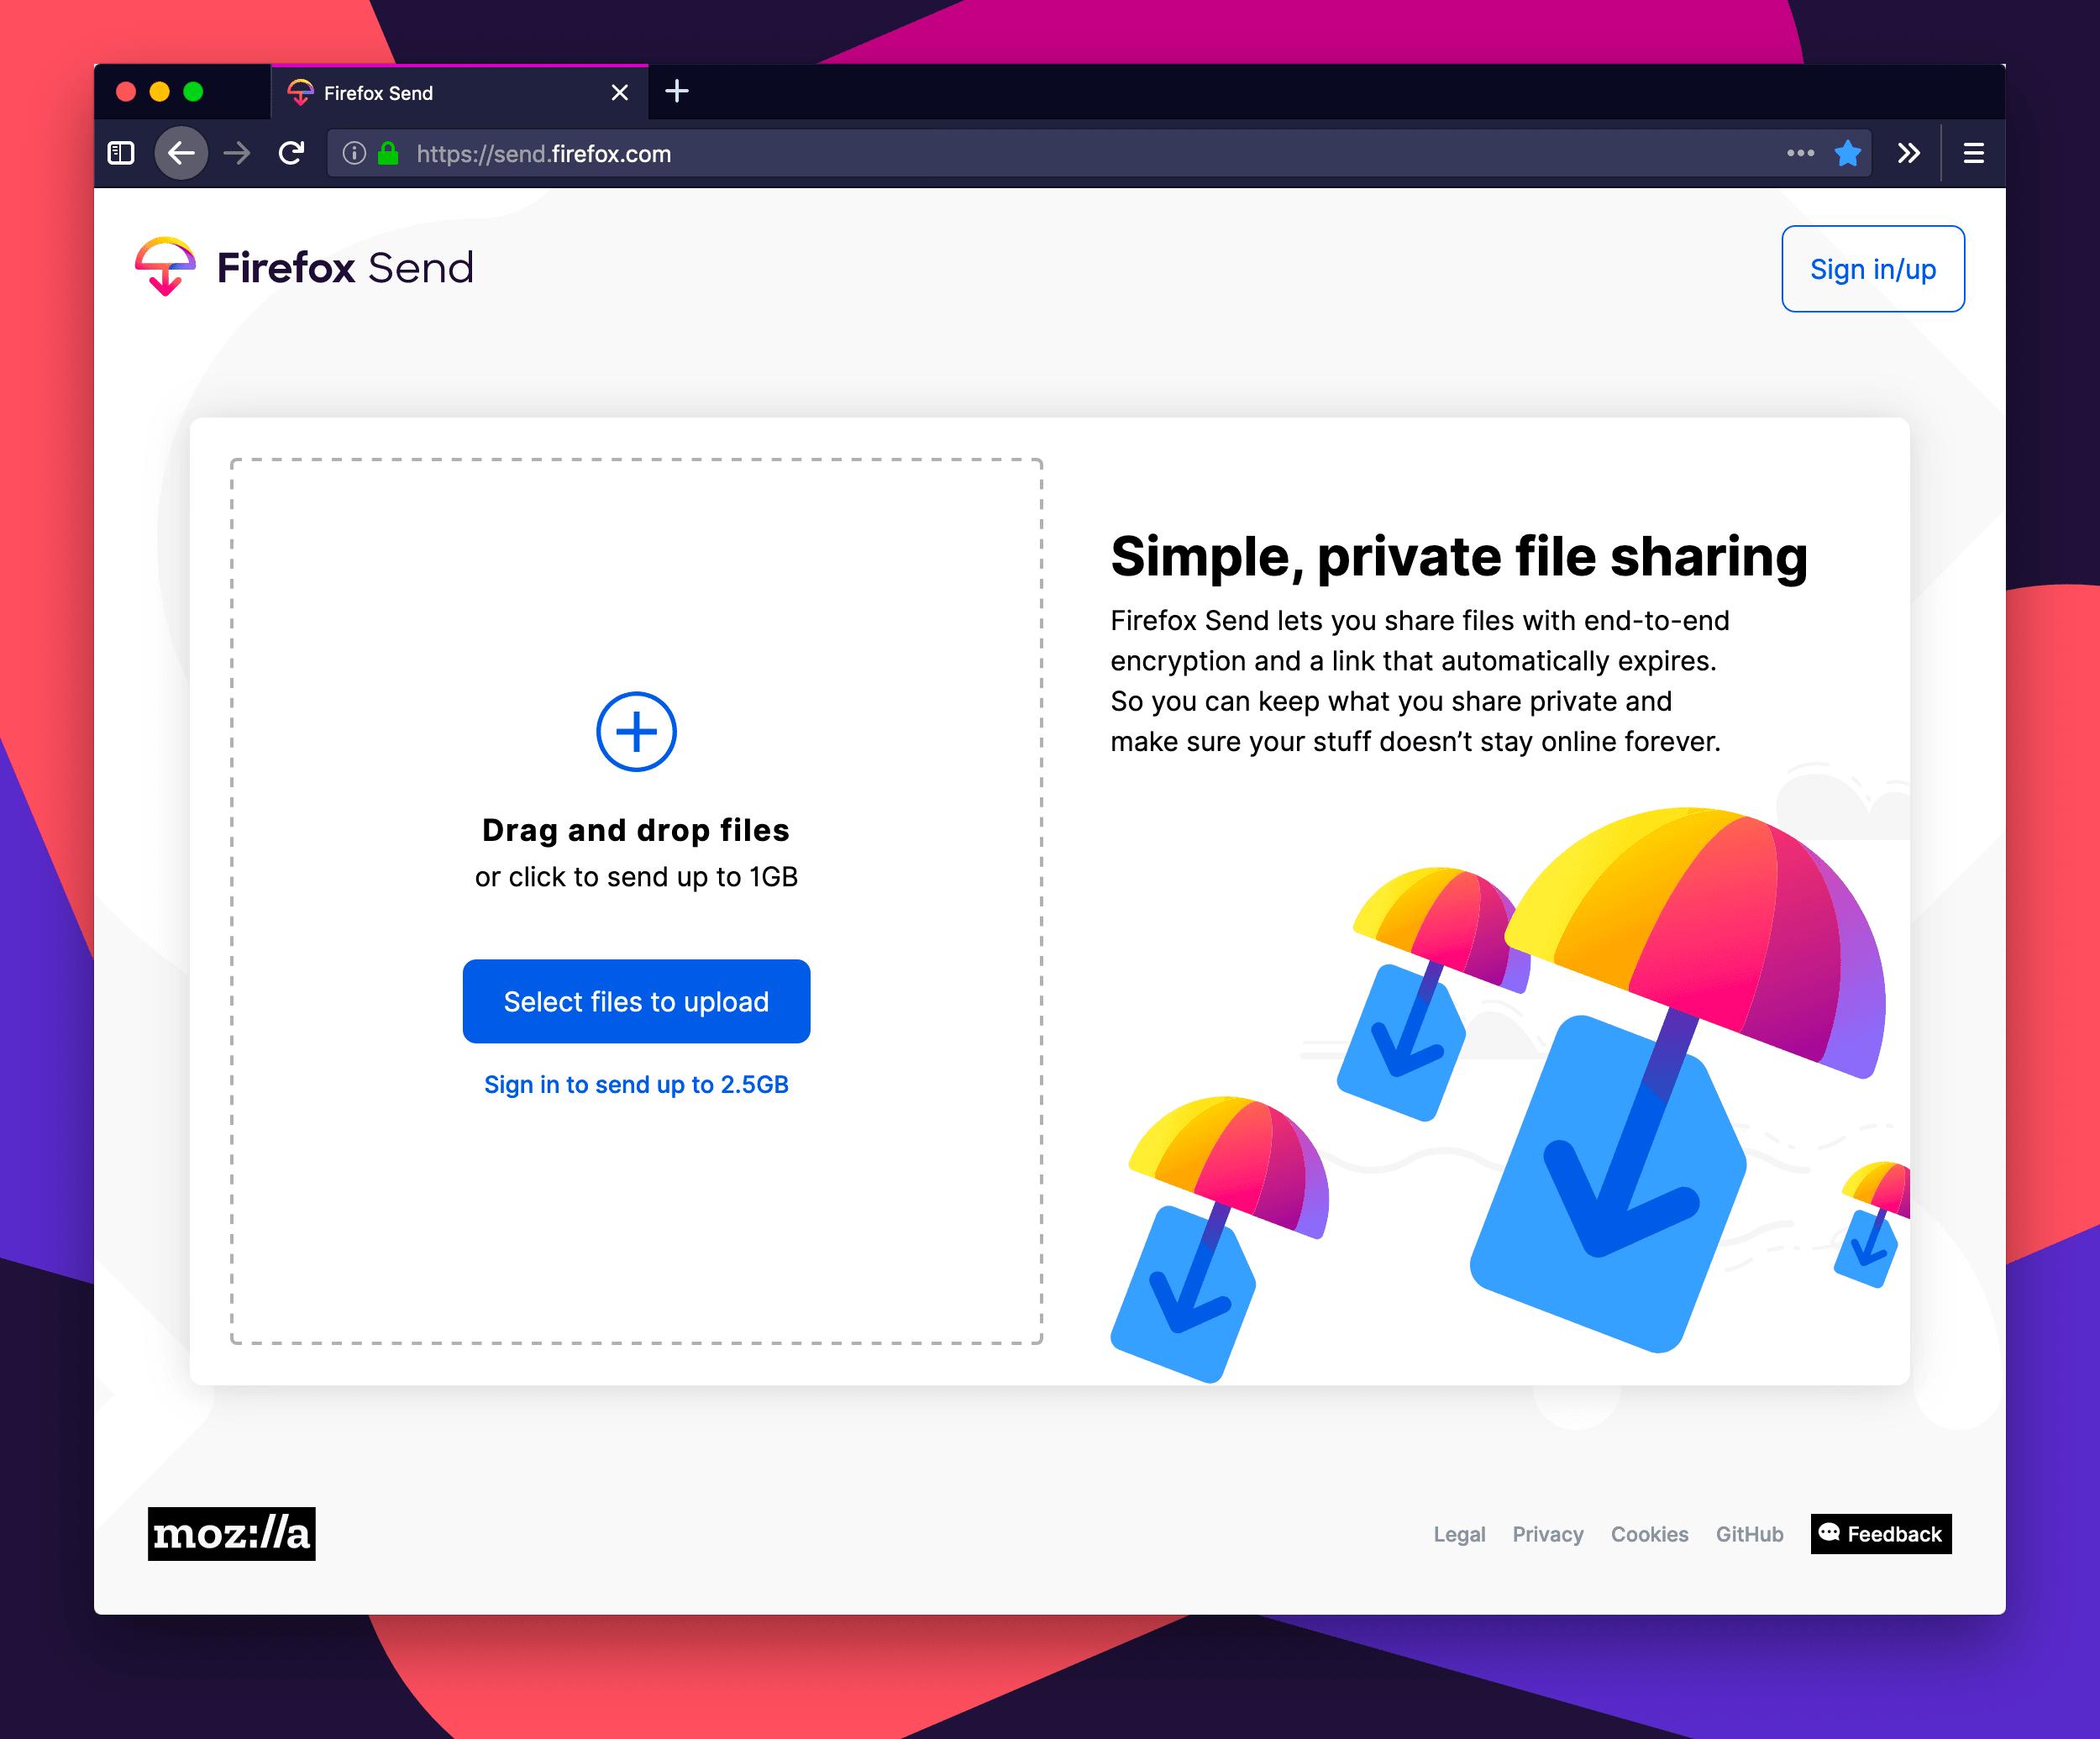 Bezpłatne przesyłanie plików uruchomione przez Mozillę - oto Firefox Send